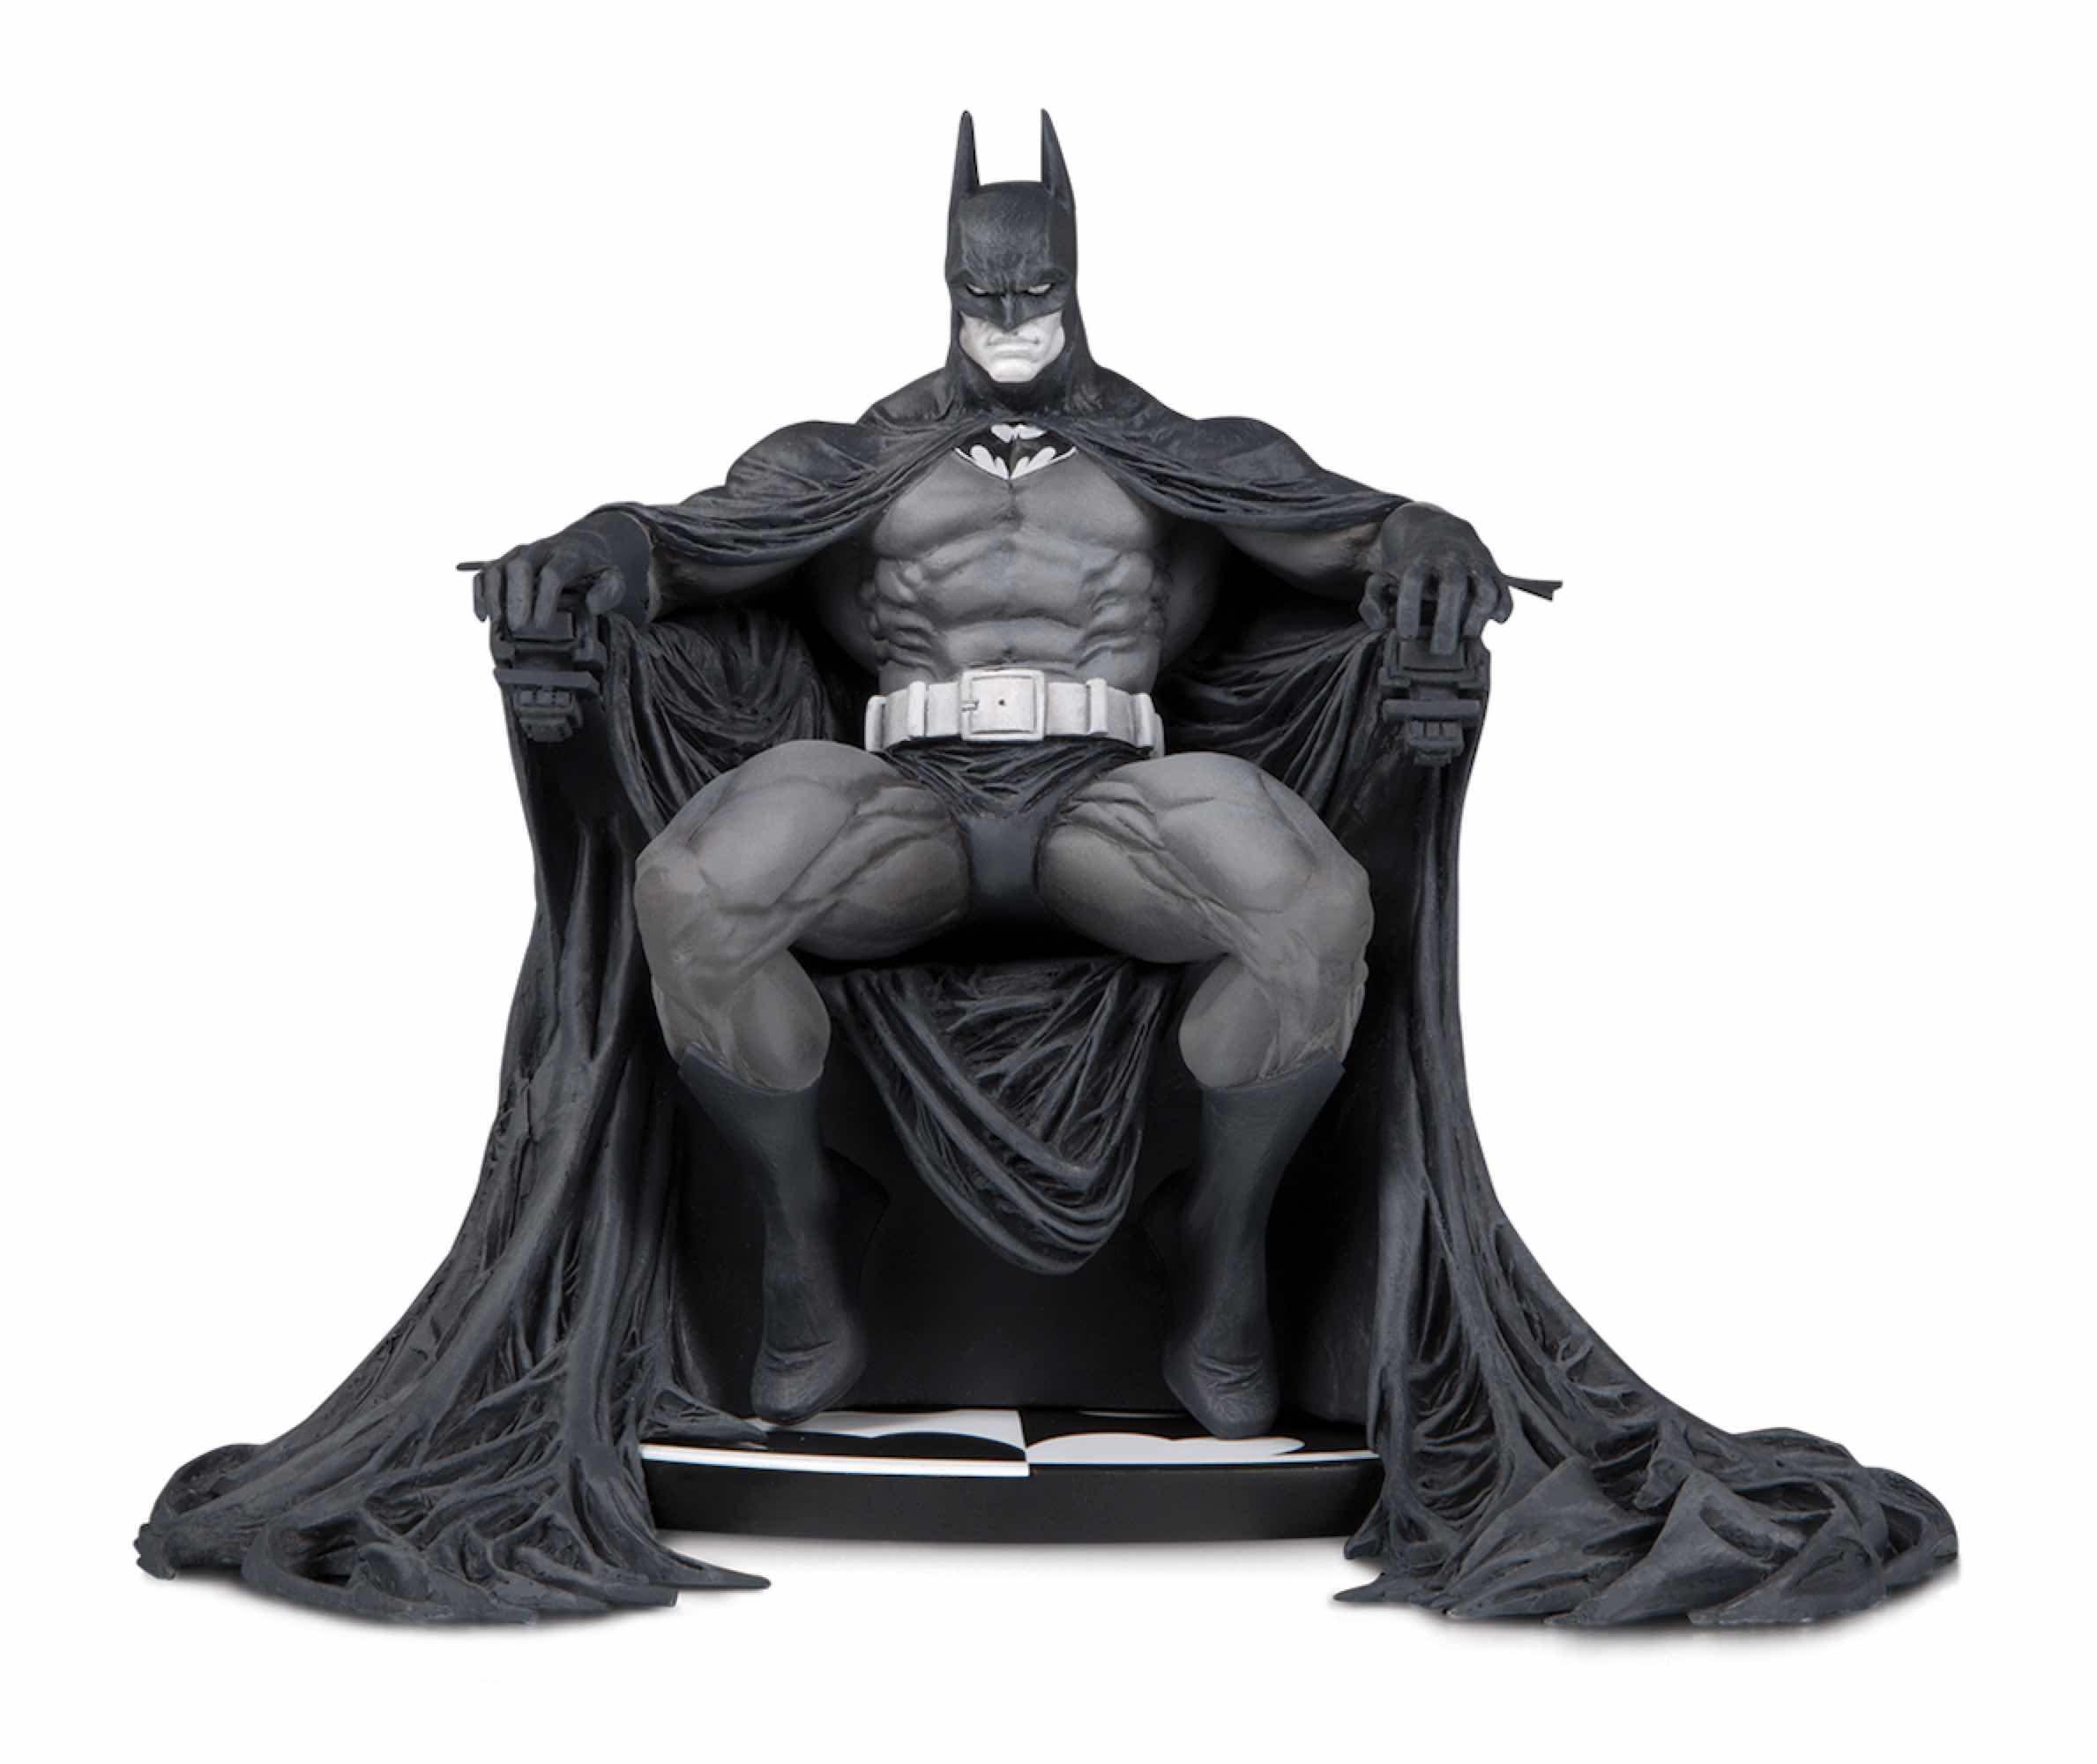 BATMAN B&W BLACK AND WHITE BY MARC SILVESTRI ESTATUA 15 CM BATMAN UNIVERSO DC